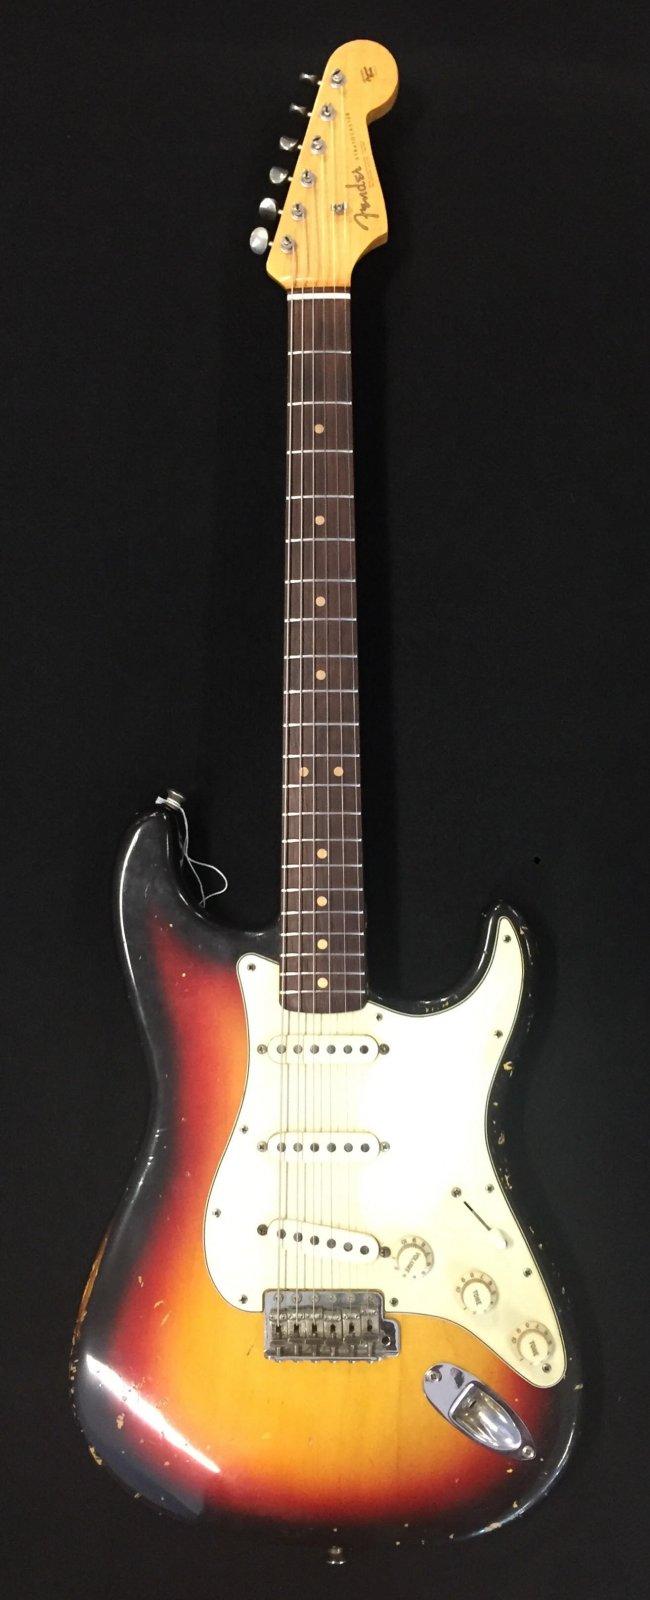 Fender Stratocaster vintage 1964